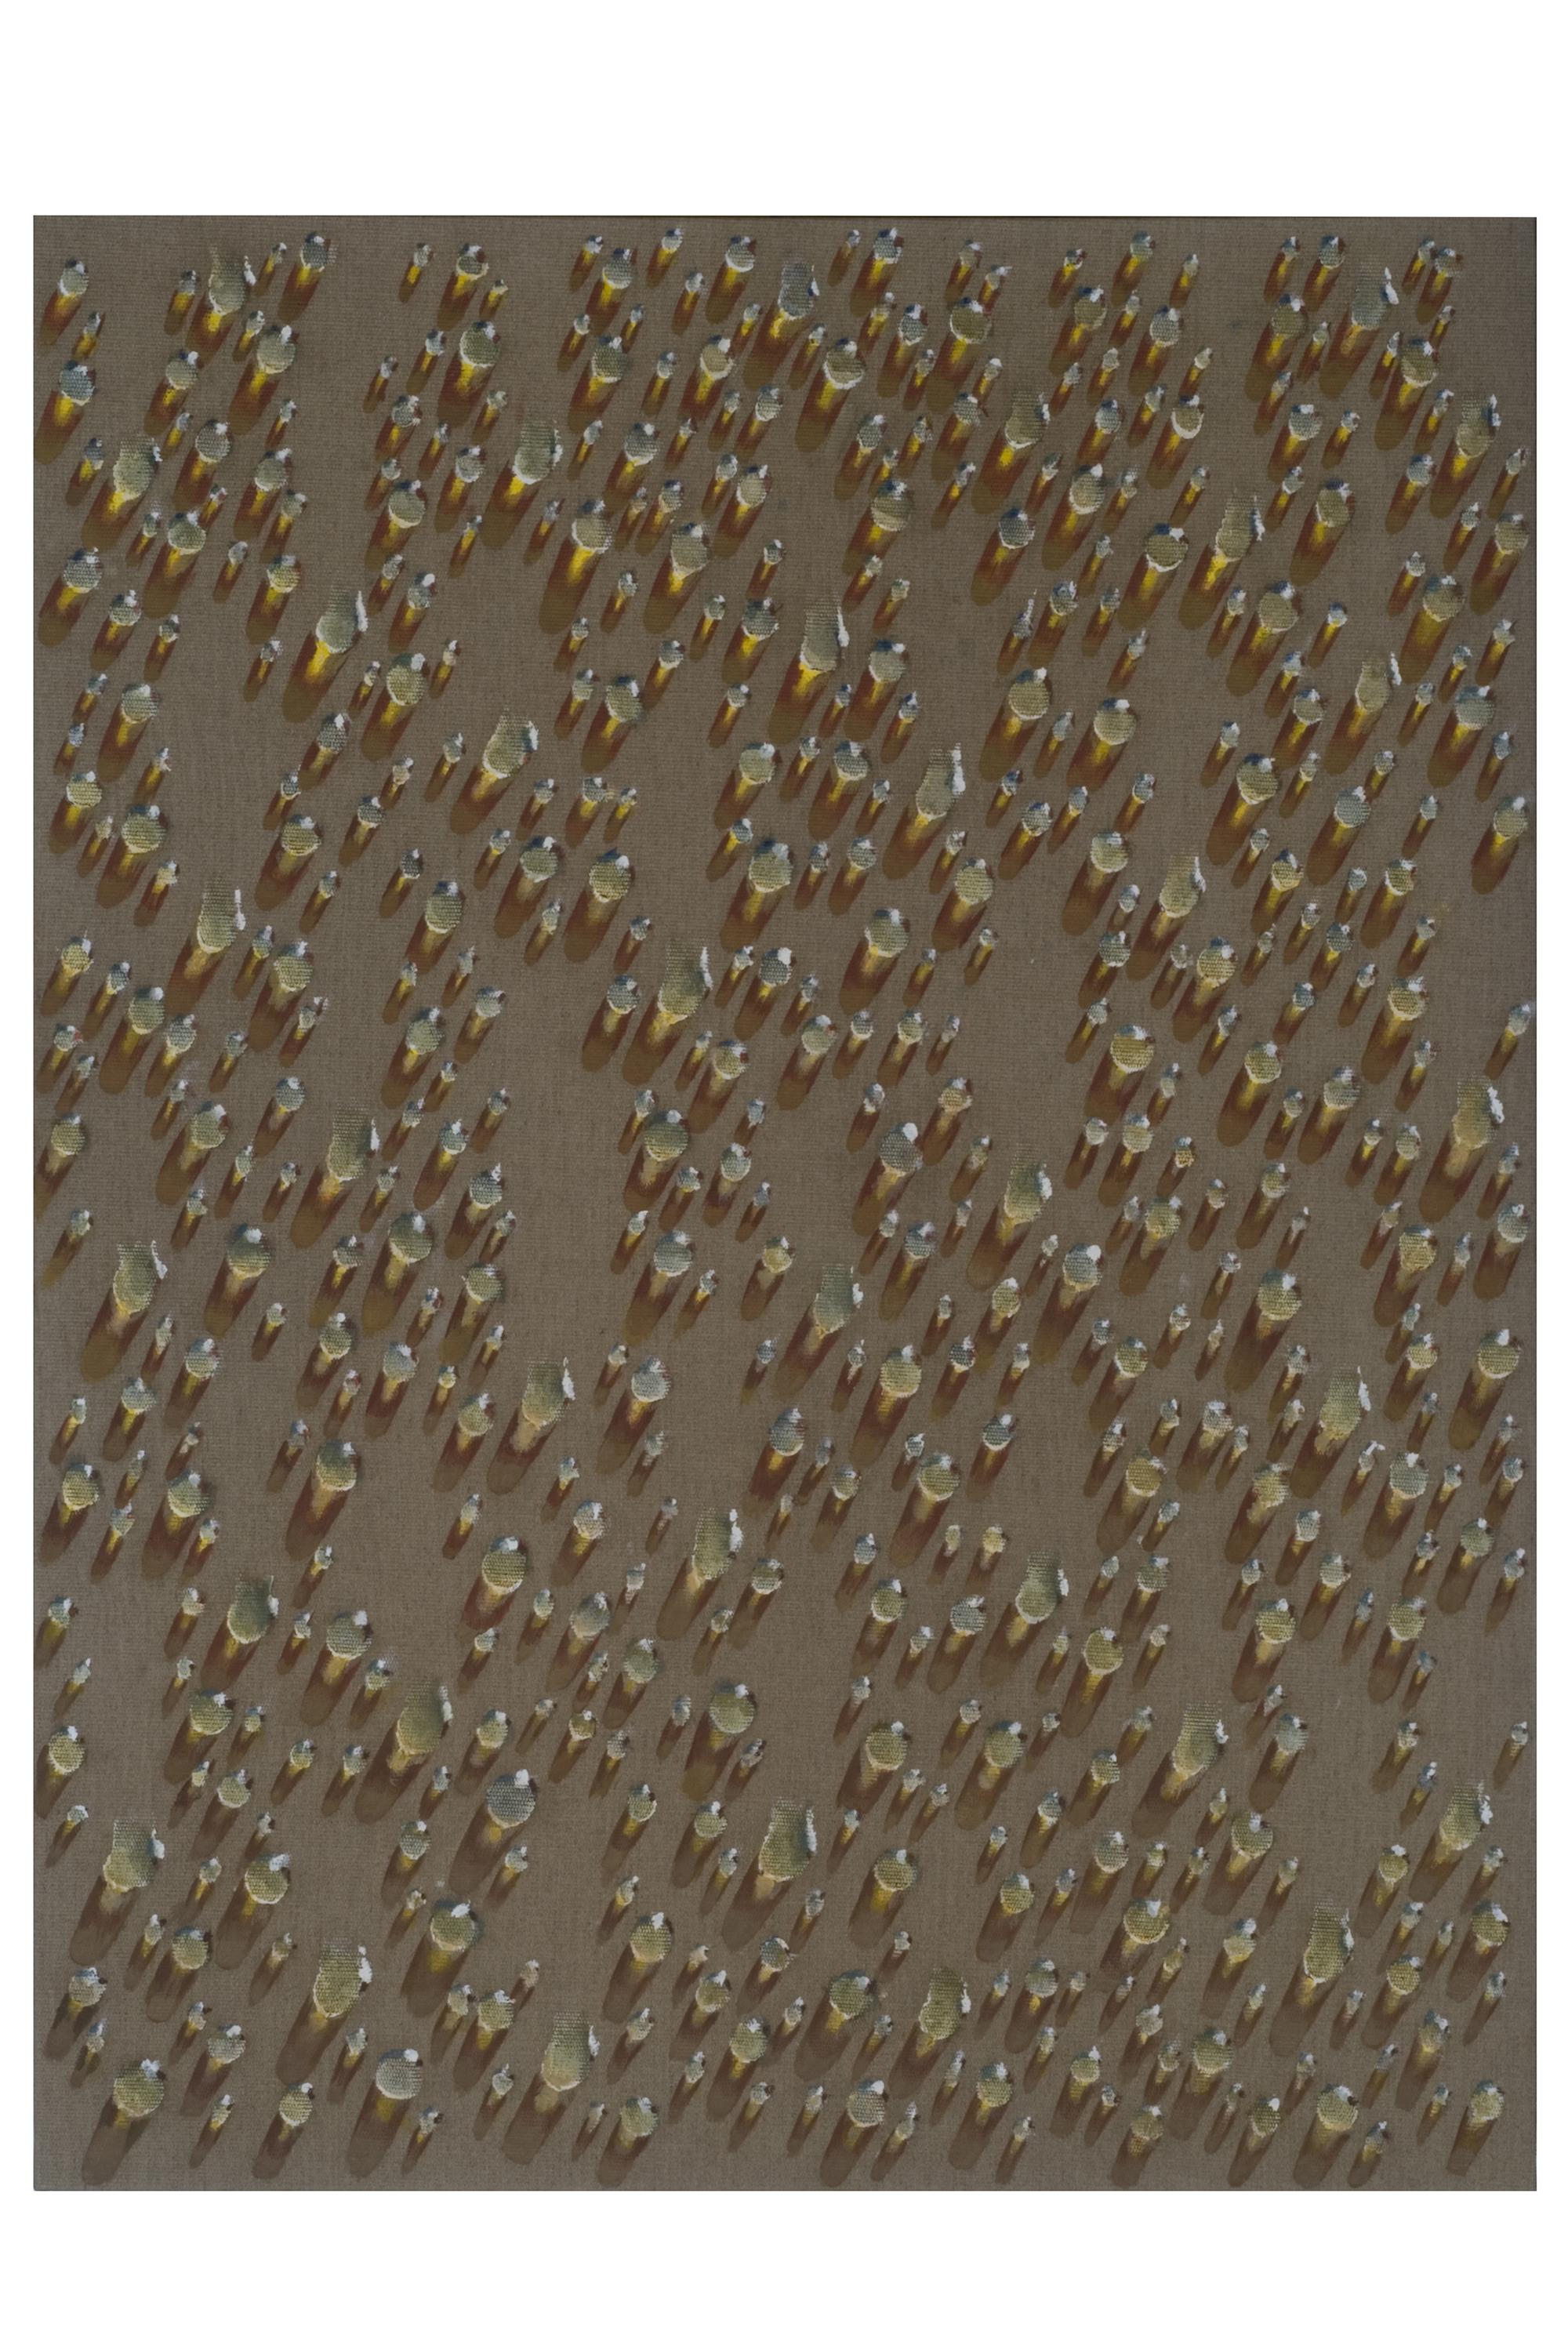 Kim Tschang- Yeul Galerie Baudoin Lebon